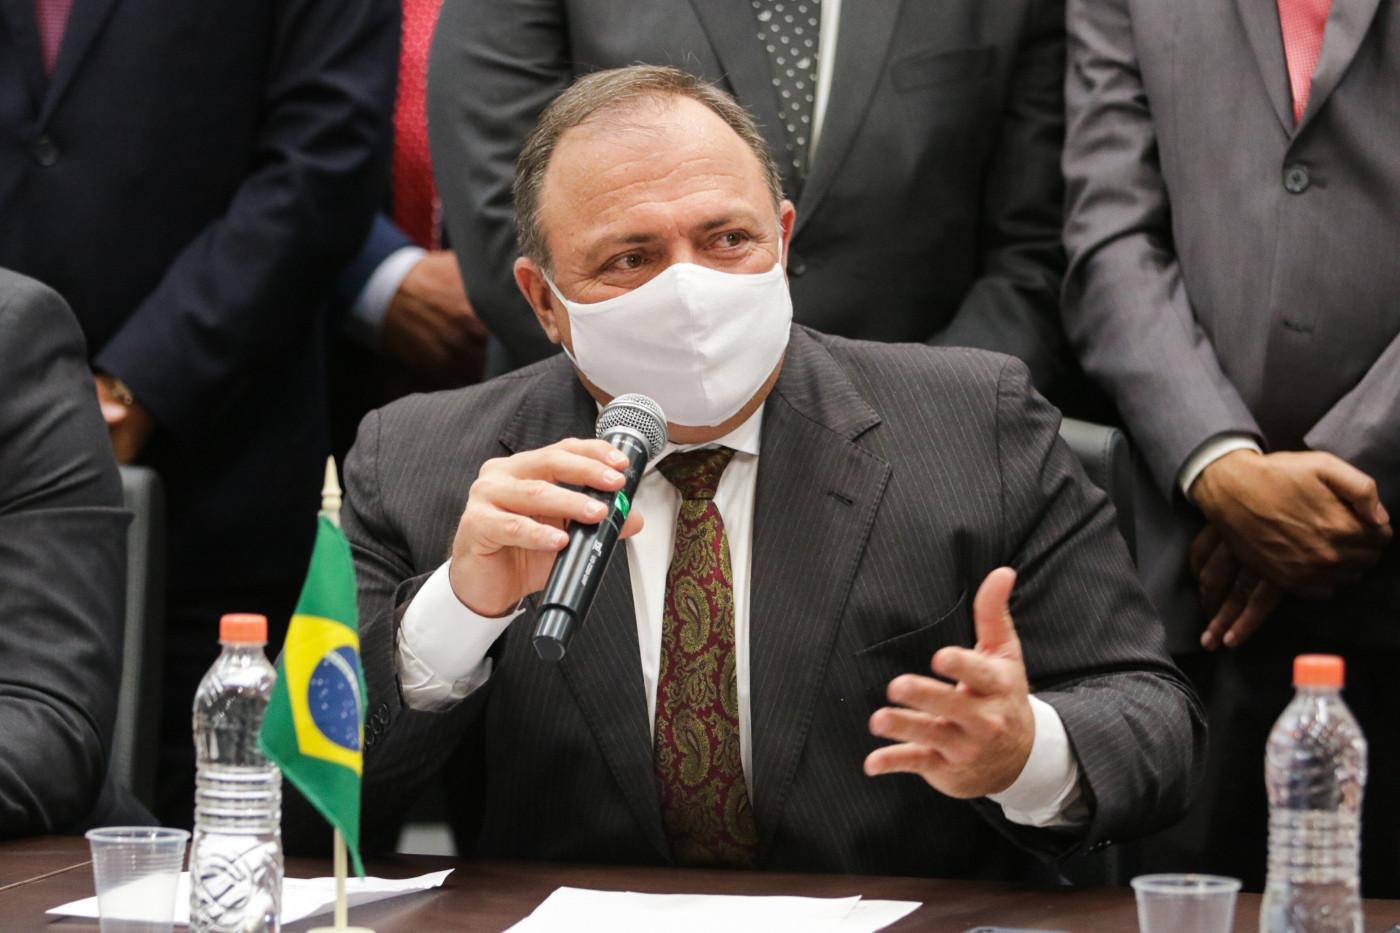 Homem de terno preto e gravata marrom usando máscara branca sentado diante de uma mesa com duas fileiras de papéis brancos, uma miniatura da bandeira do Brasil e duas garrafas de água; ele gesticula com a mão esquerda e segura um microfone com a mão direita